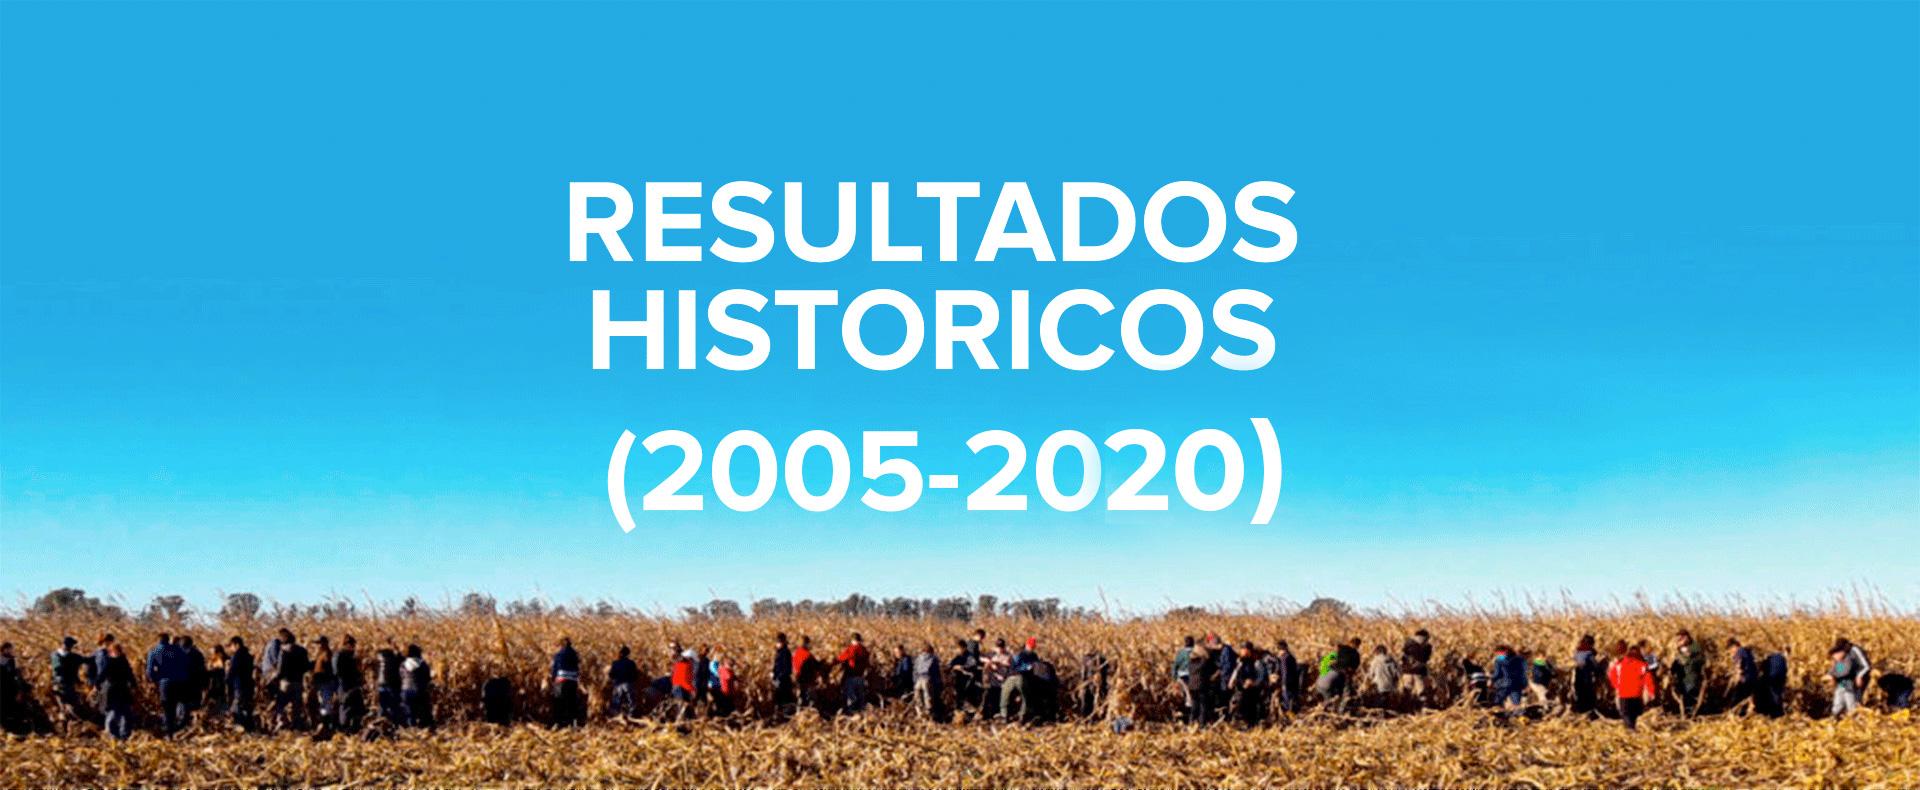 Programas <ul> <li>343 Chocleadas</li> <li>4 La papa solidaria</li> <li>2 La Naranjada</li> </ul> 53.884 Voluntarios<br />10.130.130 Platos de comidas<br />$9.931.753 Colaboración a Organizaciones Sociales Beneficiadas<br />91 Talleres de valores<br />9.630 Participantes en talleres<br />